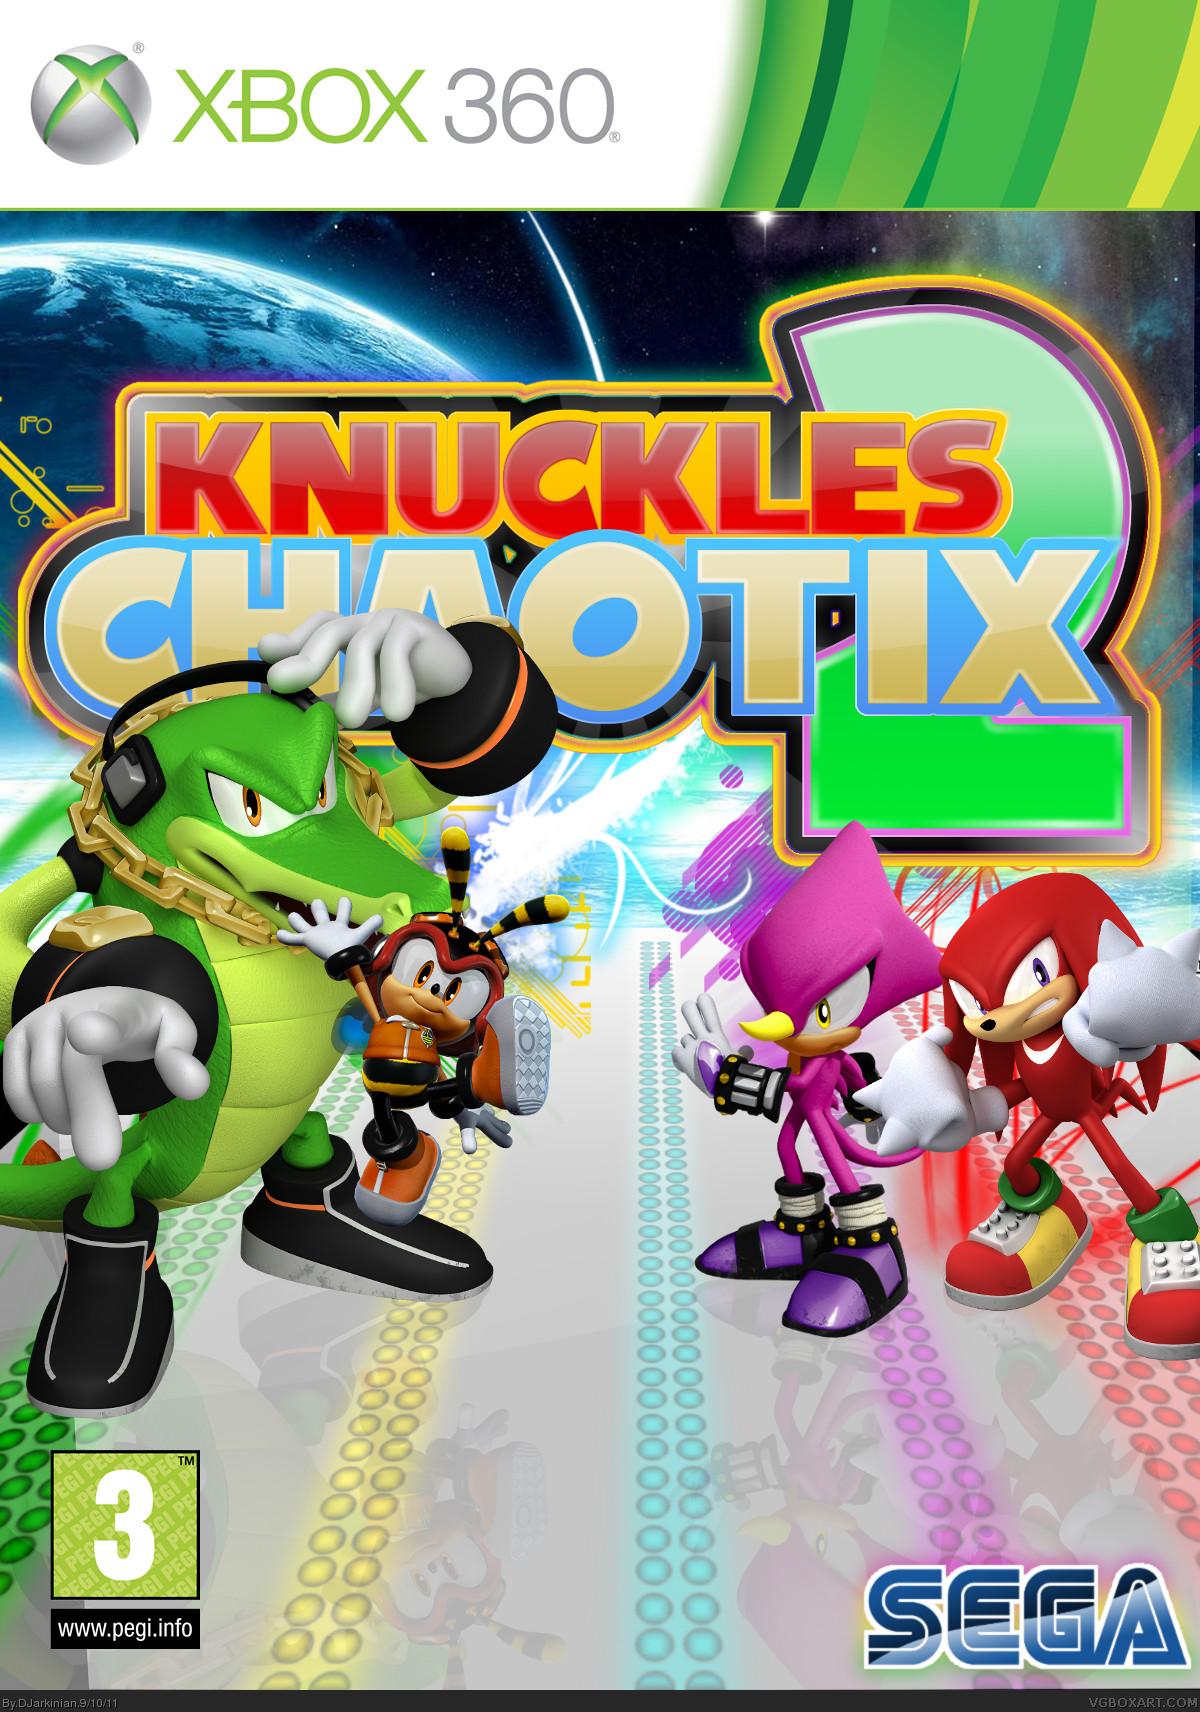 Knuckles Chaotix Box Art